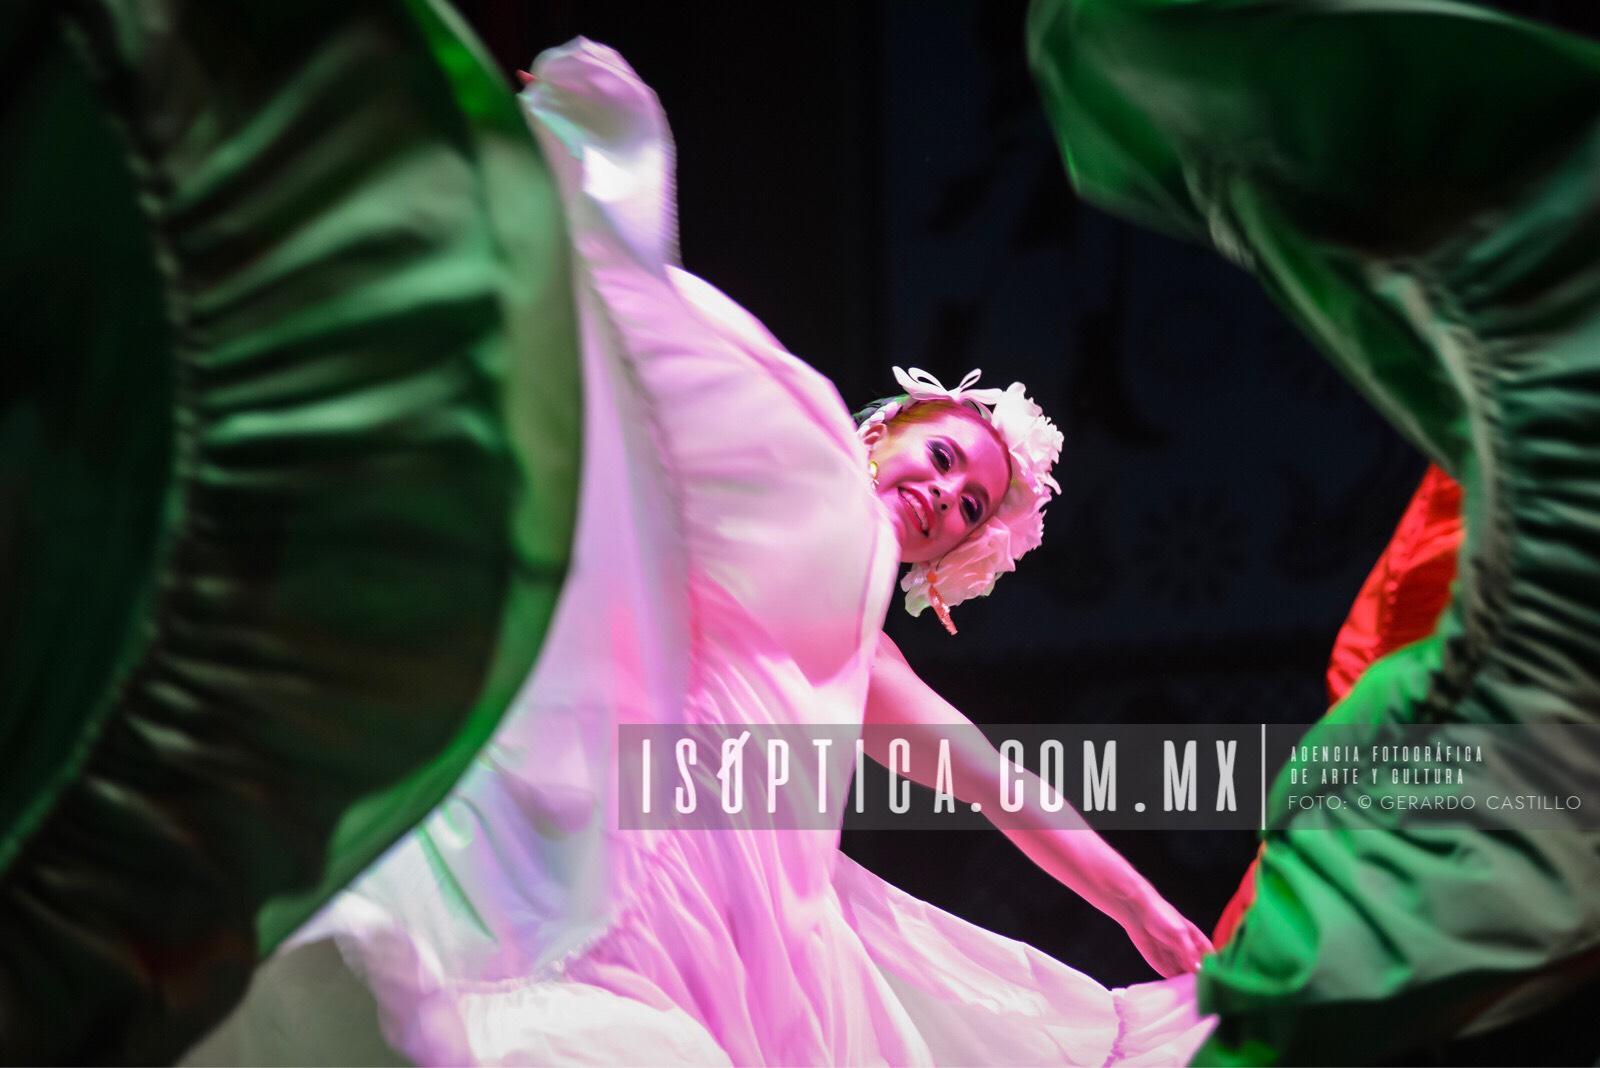 Ballet_FolcloricoEdoMex_Foto-GerardoCastillo-ISOPTICA_IMG_2658